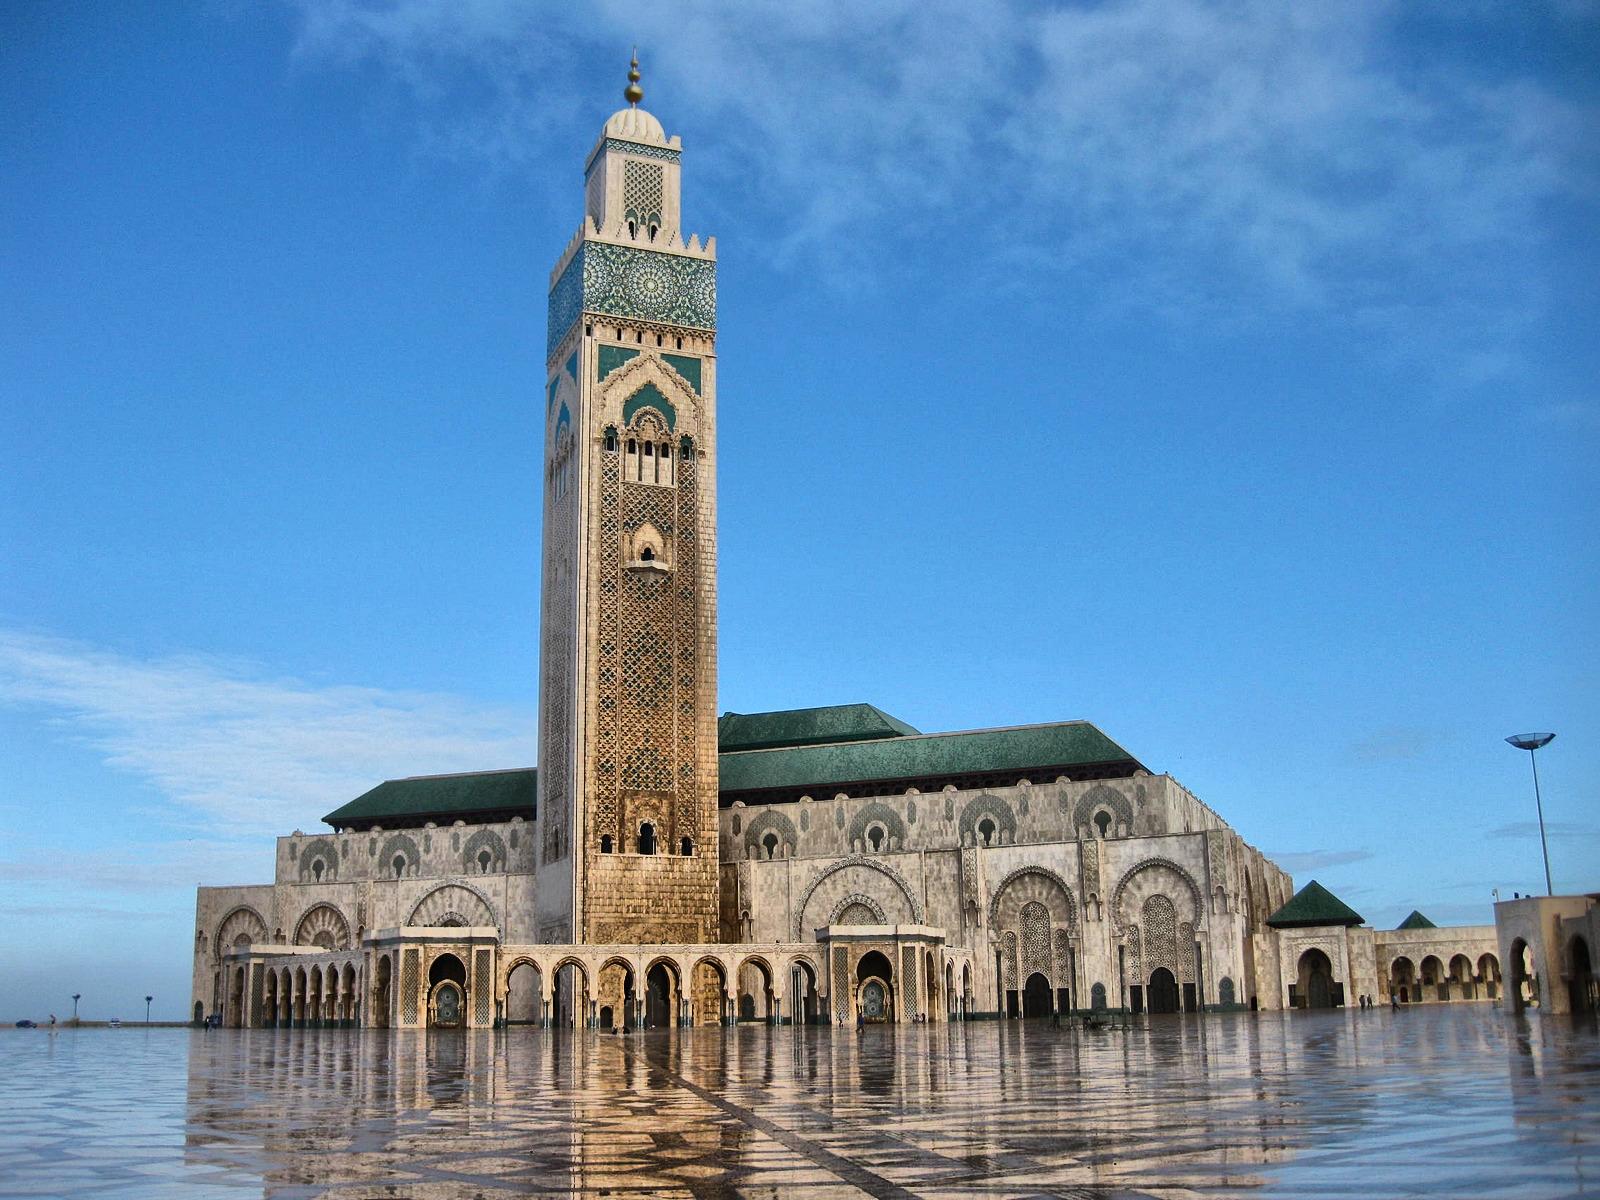 مساجد إسلامية بأشكال معمارية متفردة مسجد الحسن الثاني بالدار البيضاء أنمودجا